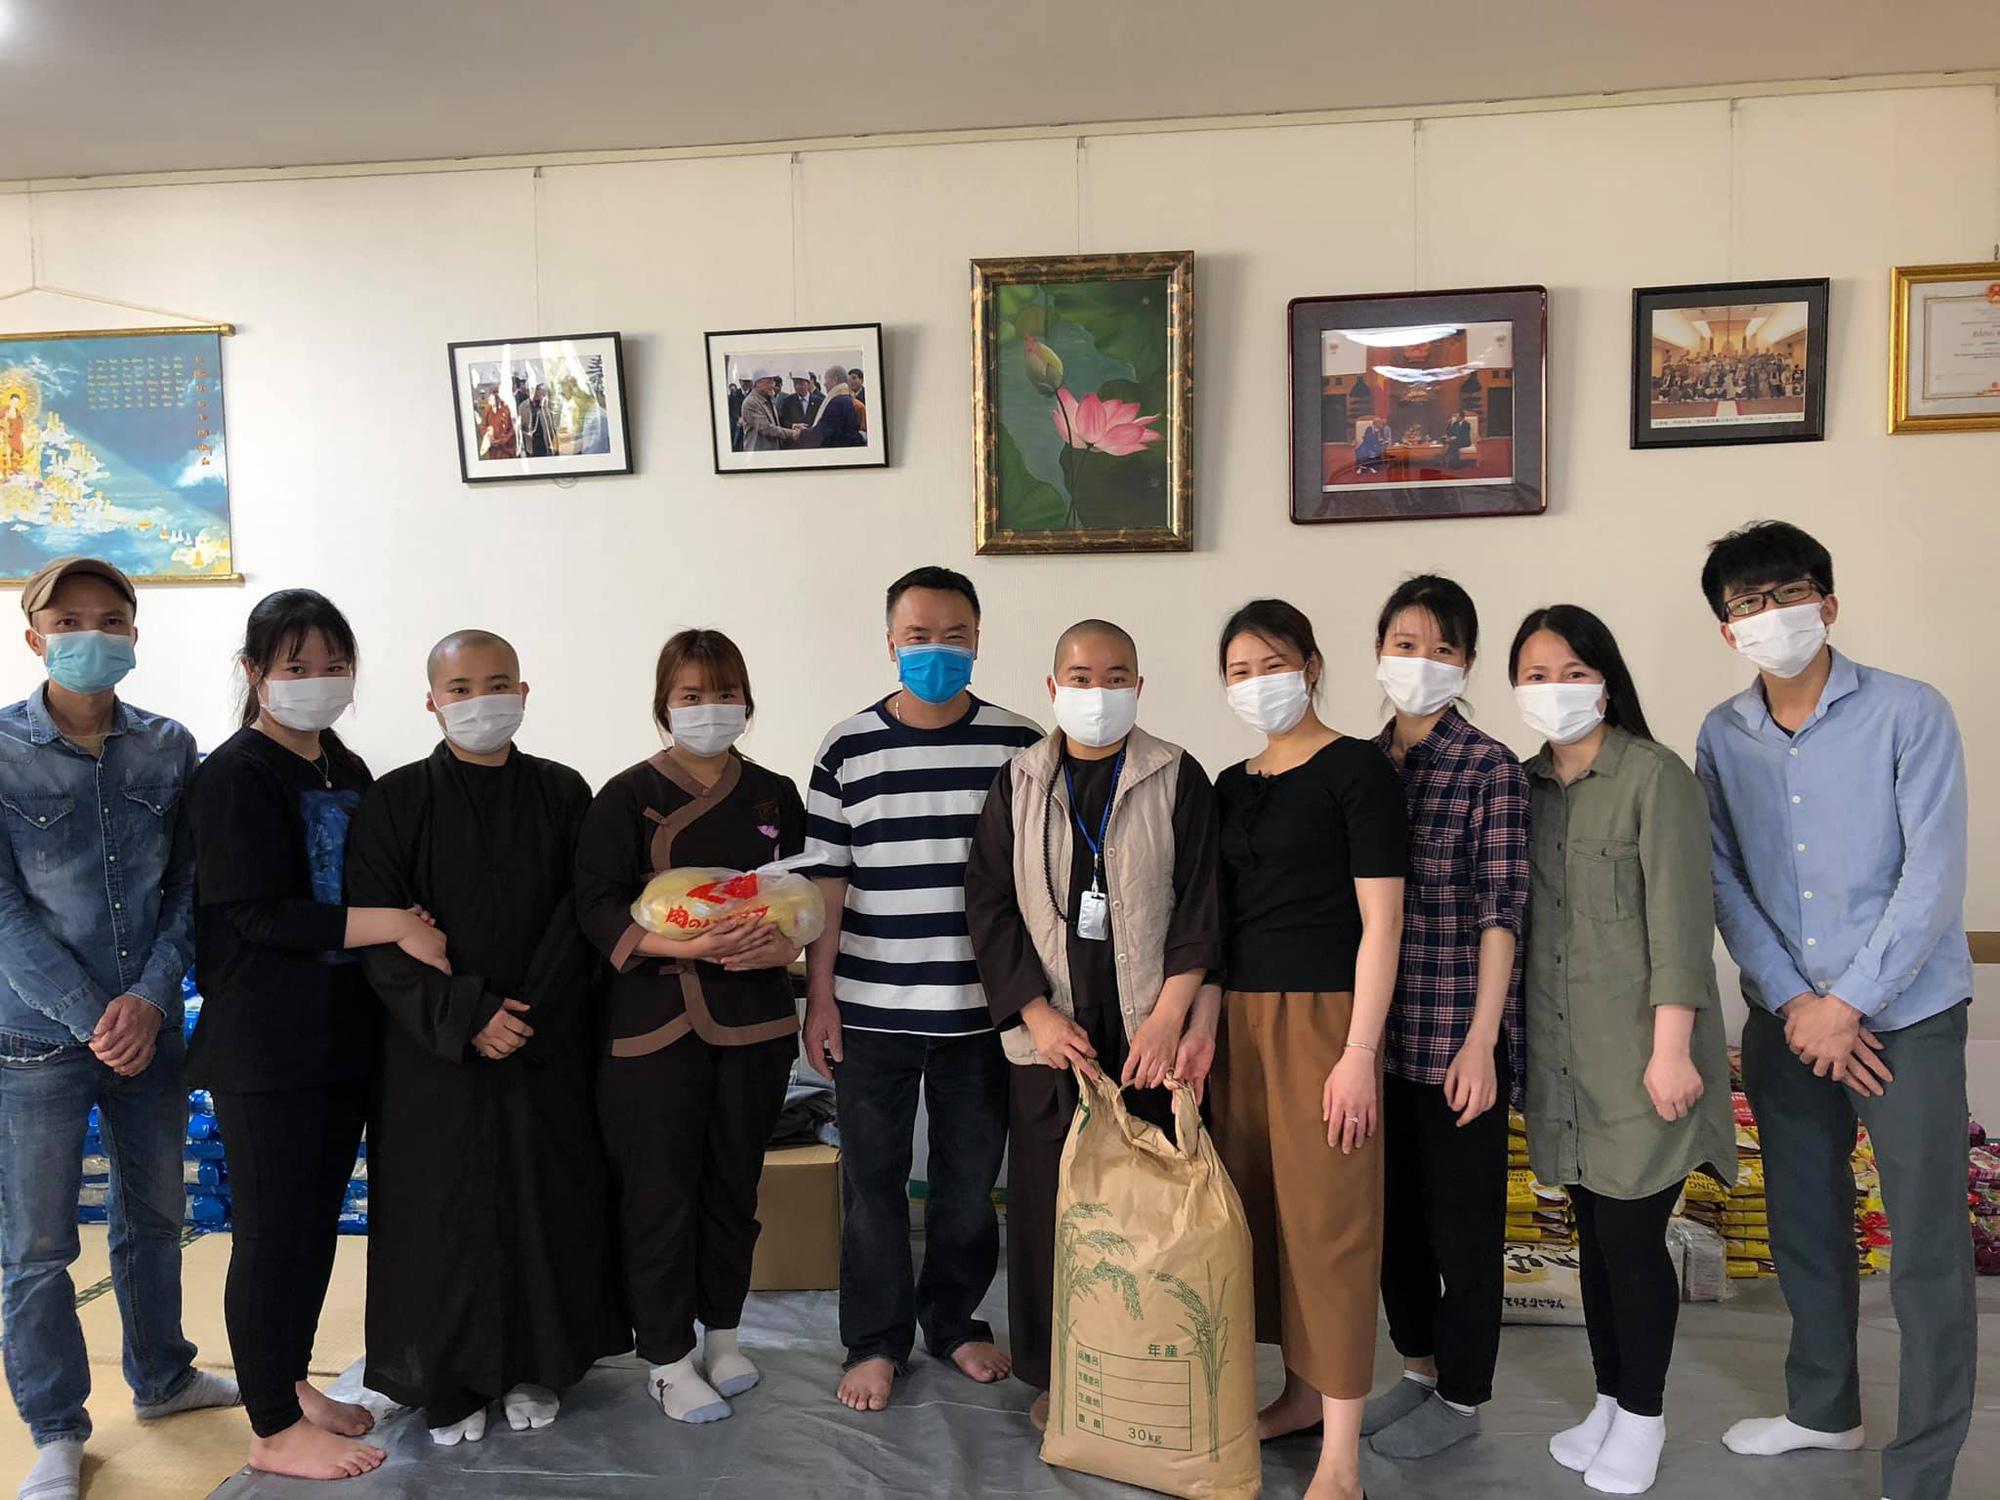 Ấm lòng những sẻ chia của người Việt giữa đại dịch Covid-19 ở Nhật - Ảnh 2.